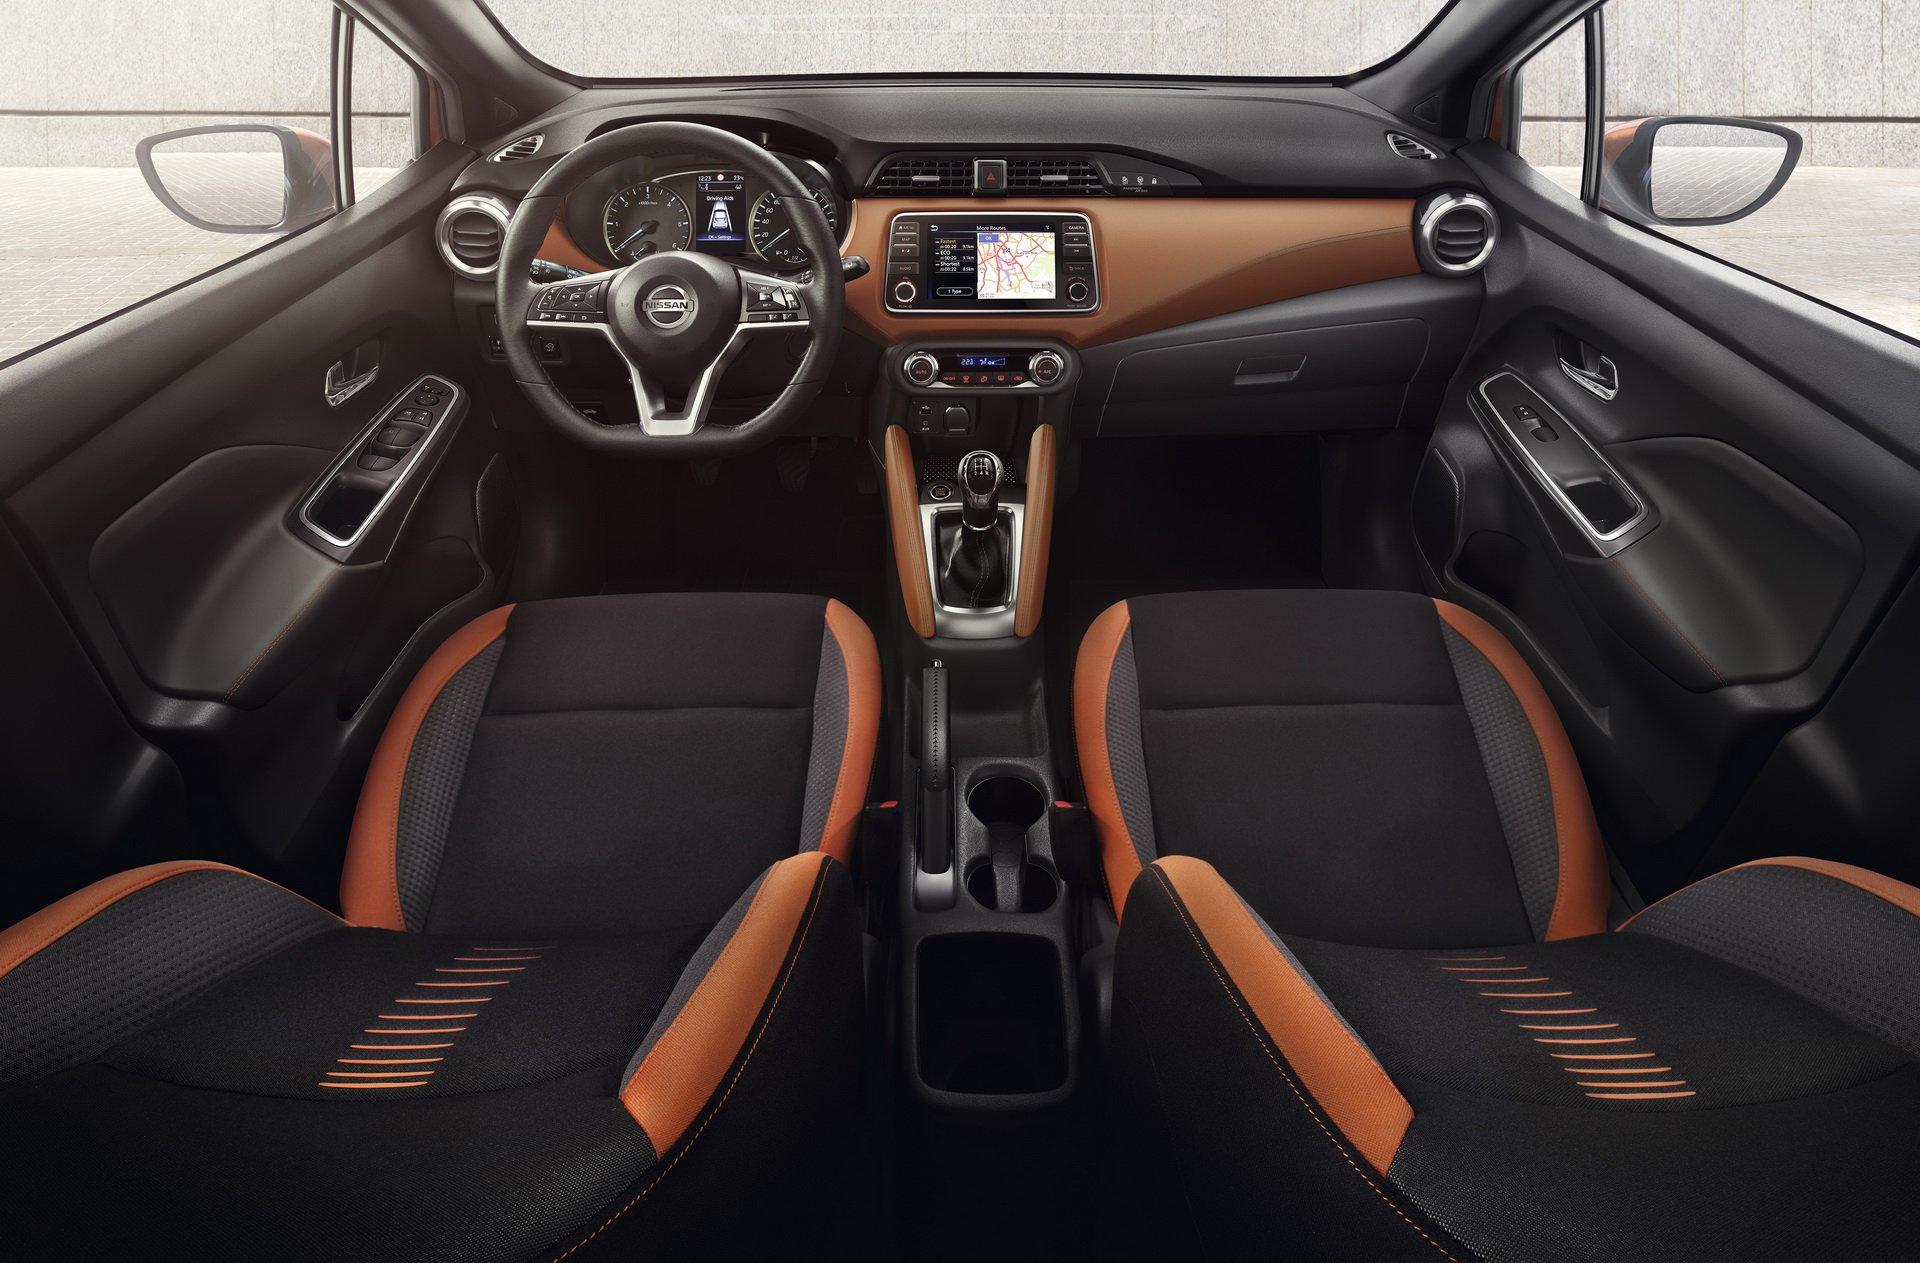 Nissan_Micra_infontaiment_0008